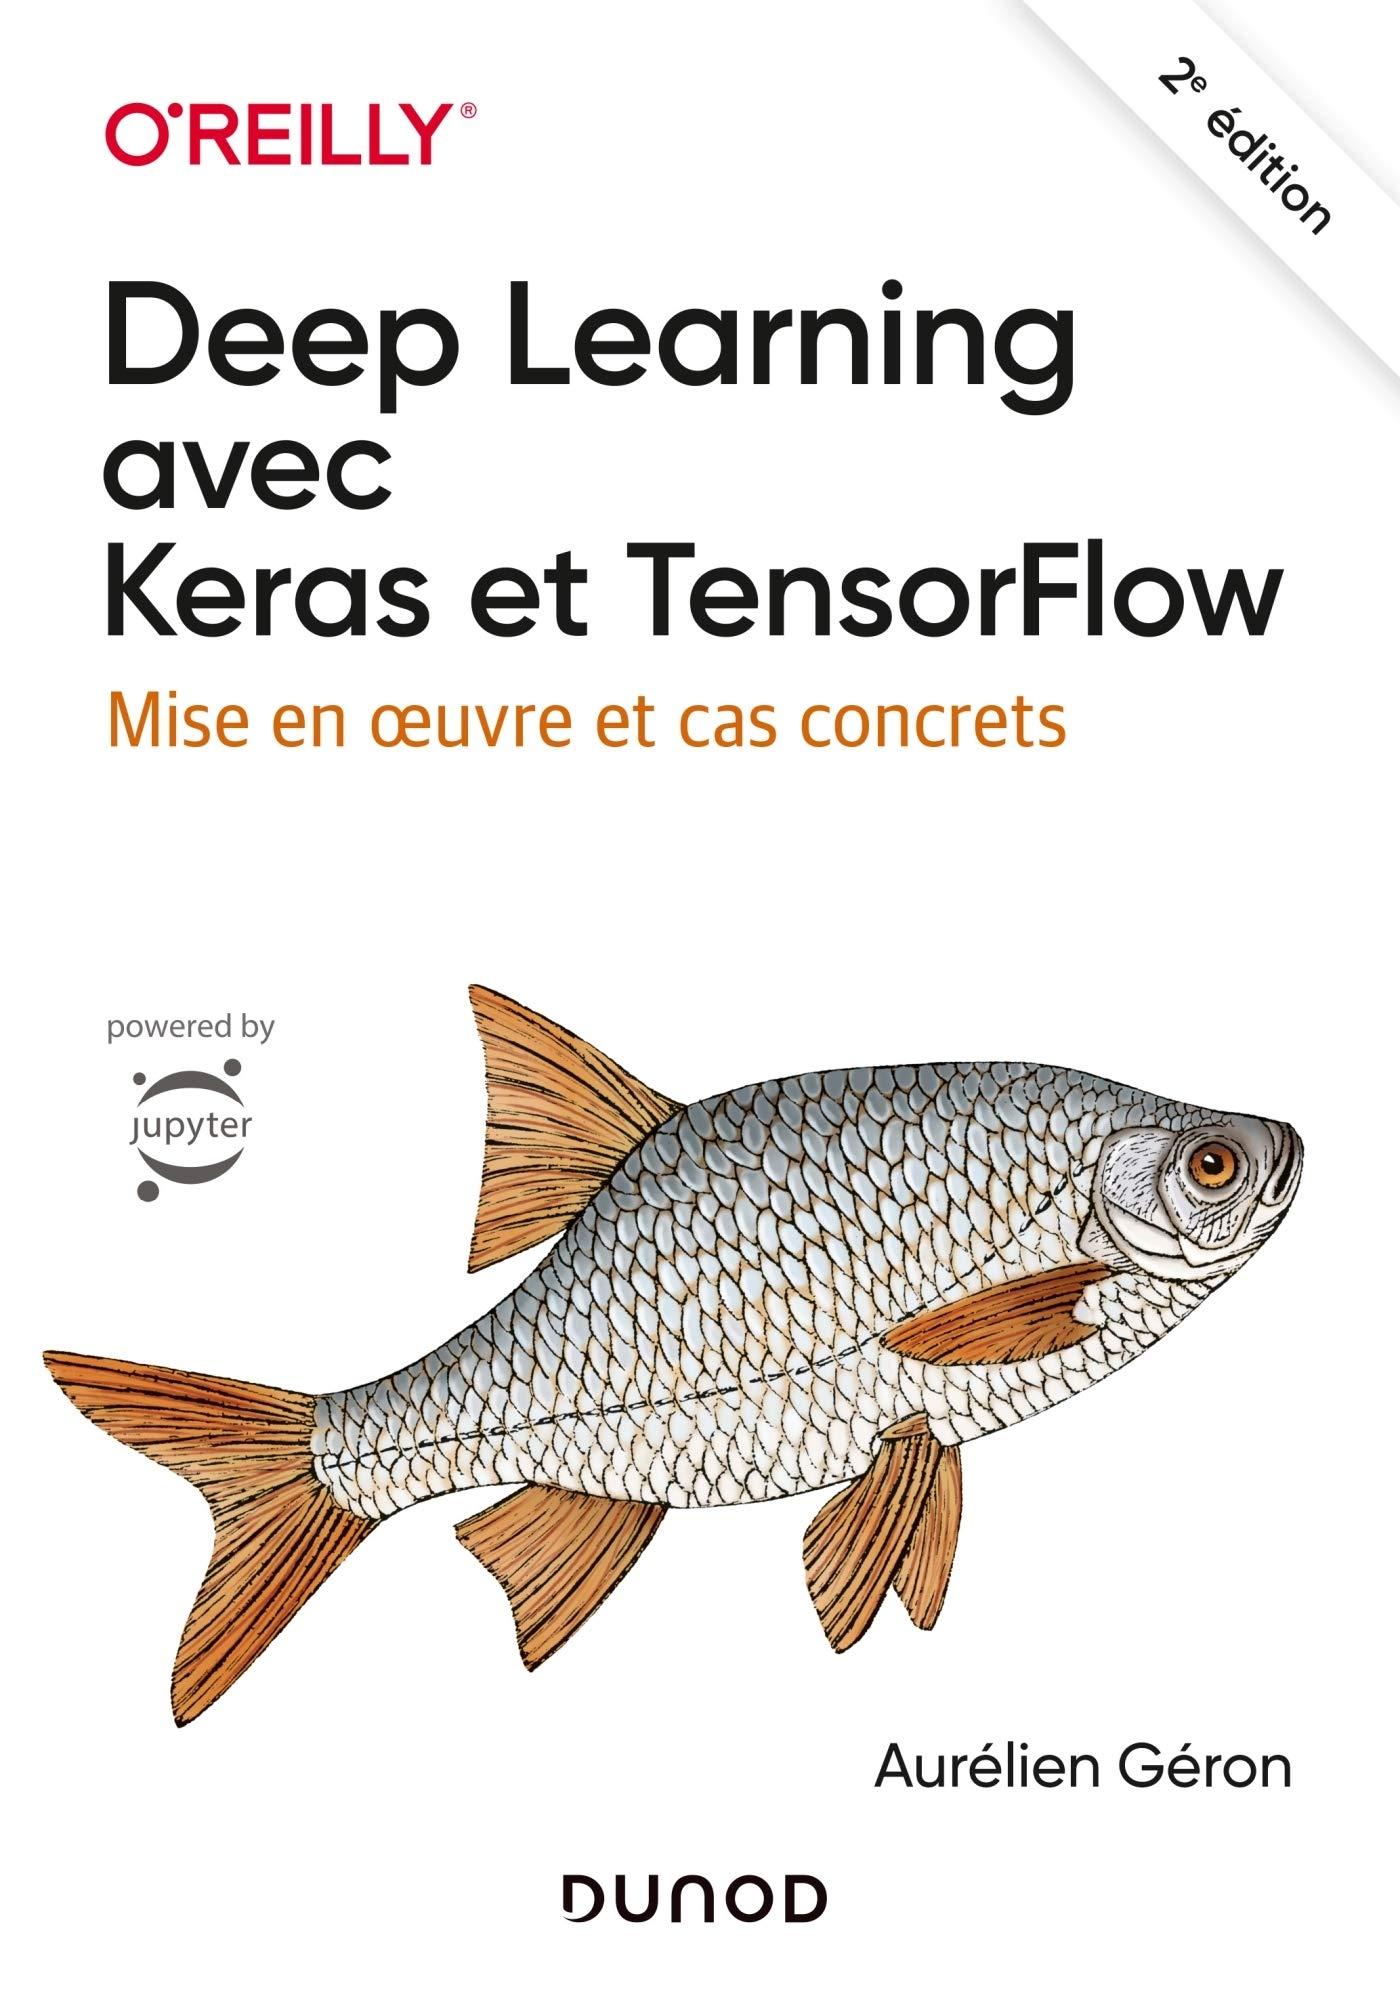 Deep Learning avec Keras et TensorFlow - 2e éd. - Mise en oeuvre et cas concrets: Mise en oeuvre et cas concrets par Aurélien Géron